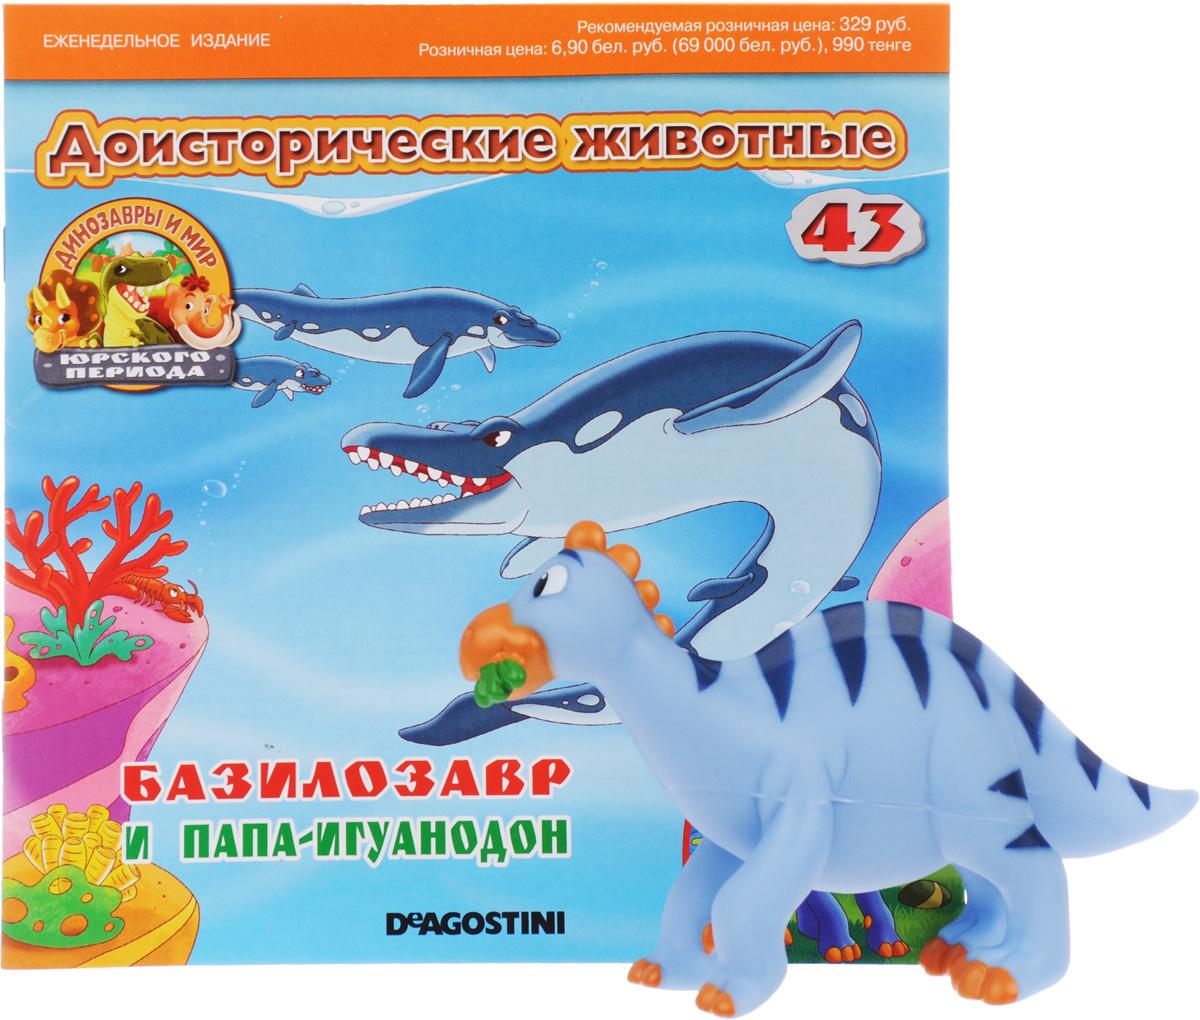 Журнал Динозавры и мир Юрского периода №43 игрушка для животных каскад удочка с микки маусом 47 см